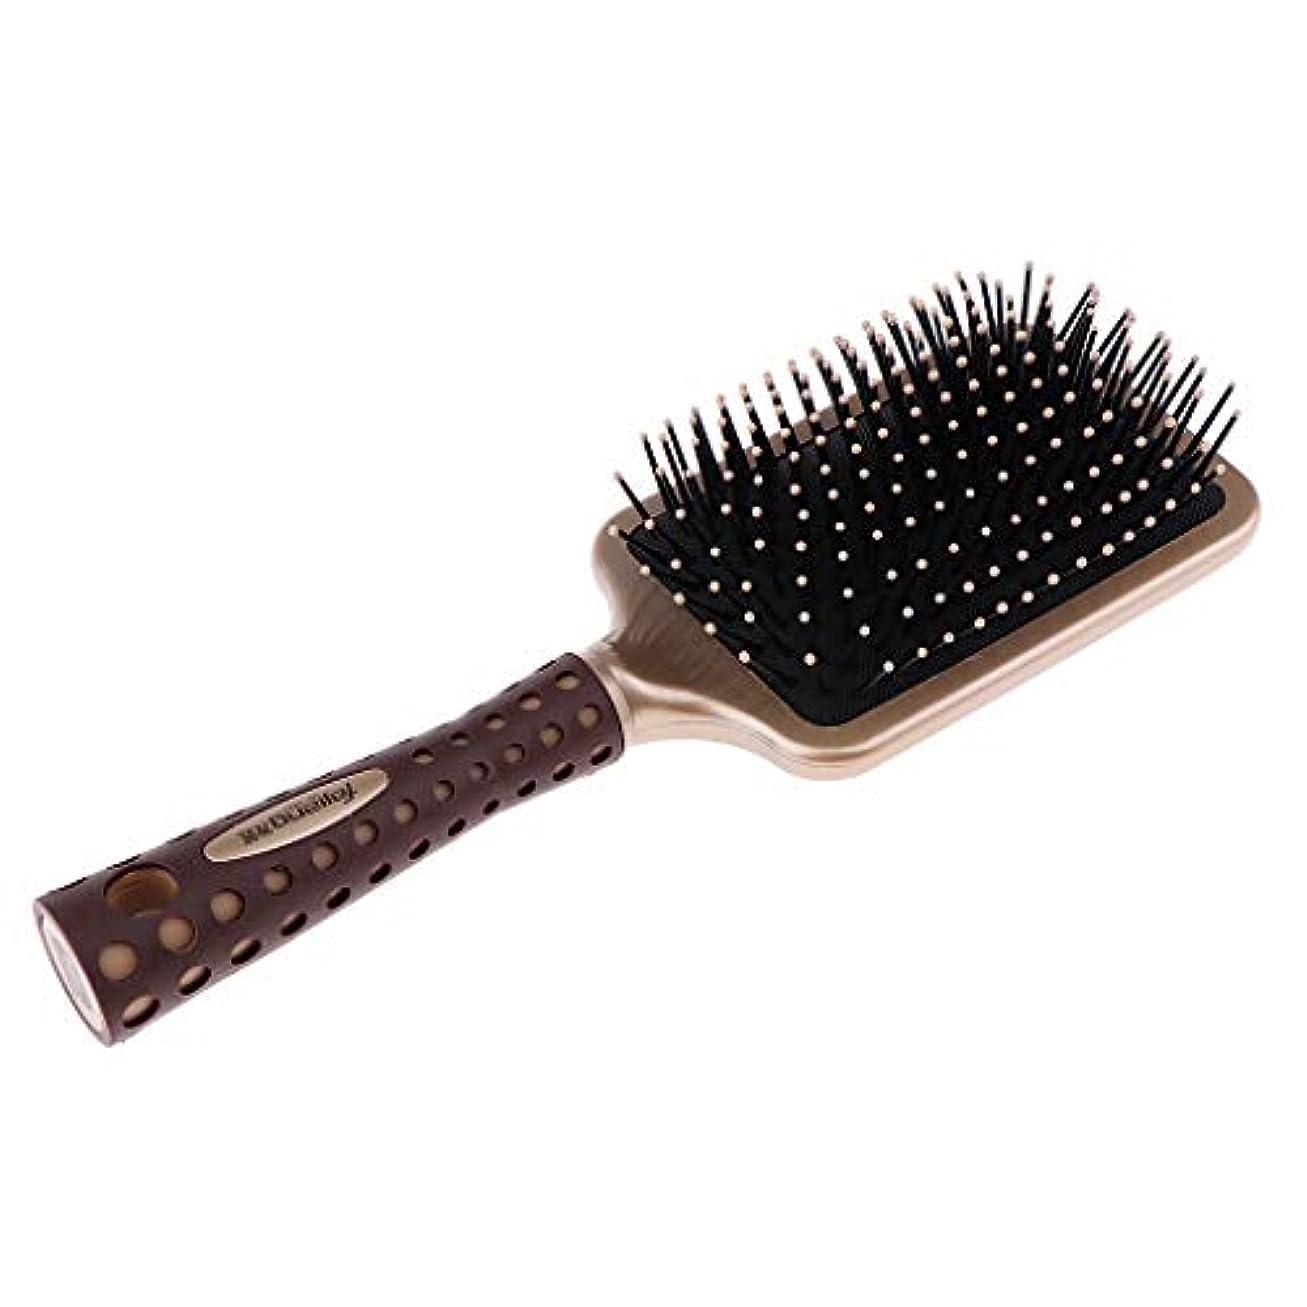 不一致遊具撤回する静電防止櫛 クッションヘアブラシ 頭皮マッサージ プロ ヘアーサロン 美容師 2サイズ選べ - L